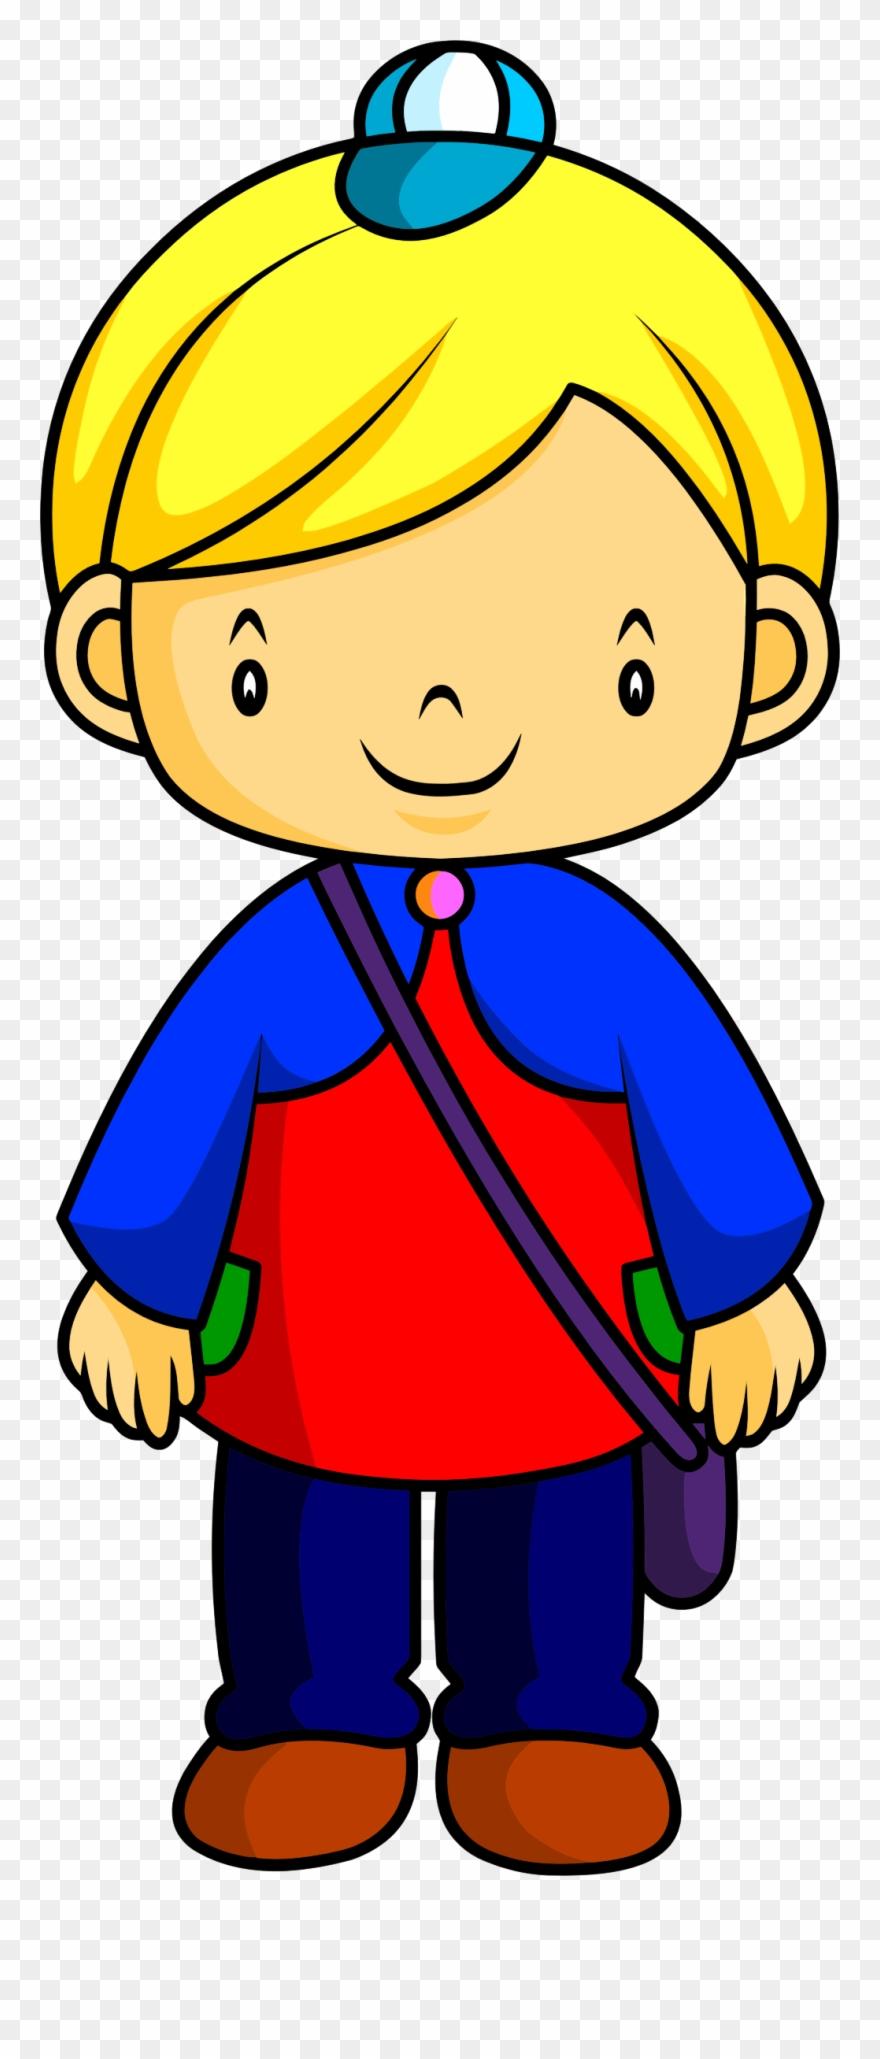 Big Image Bambino Biondo Disegno Clipart 1587344 Pinclipart